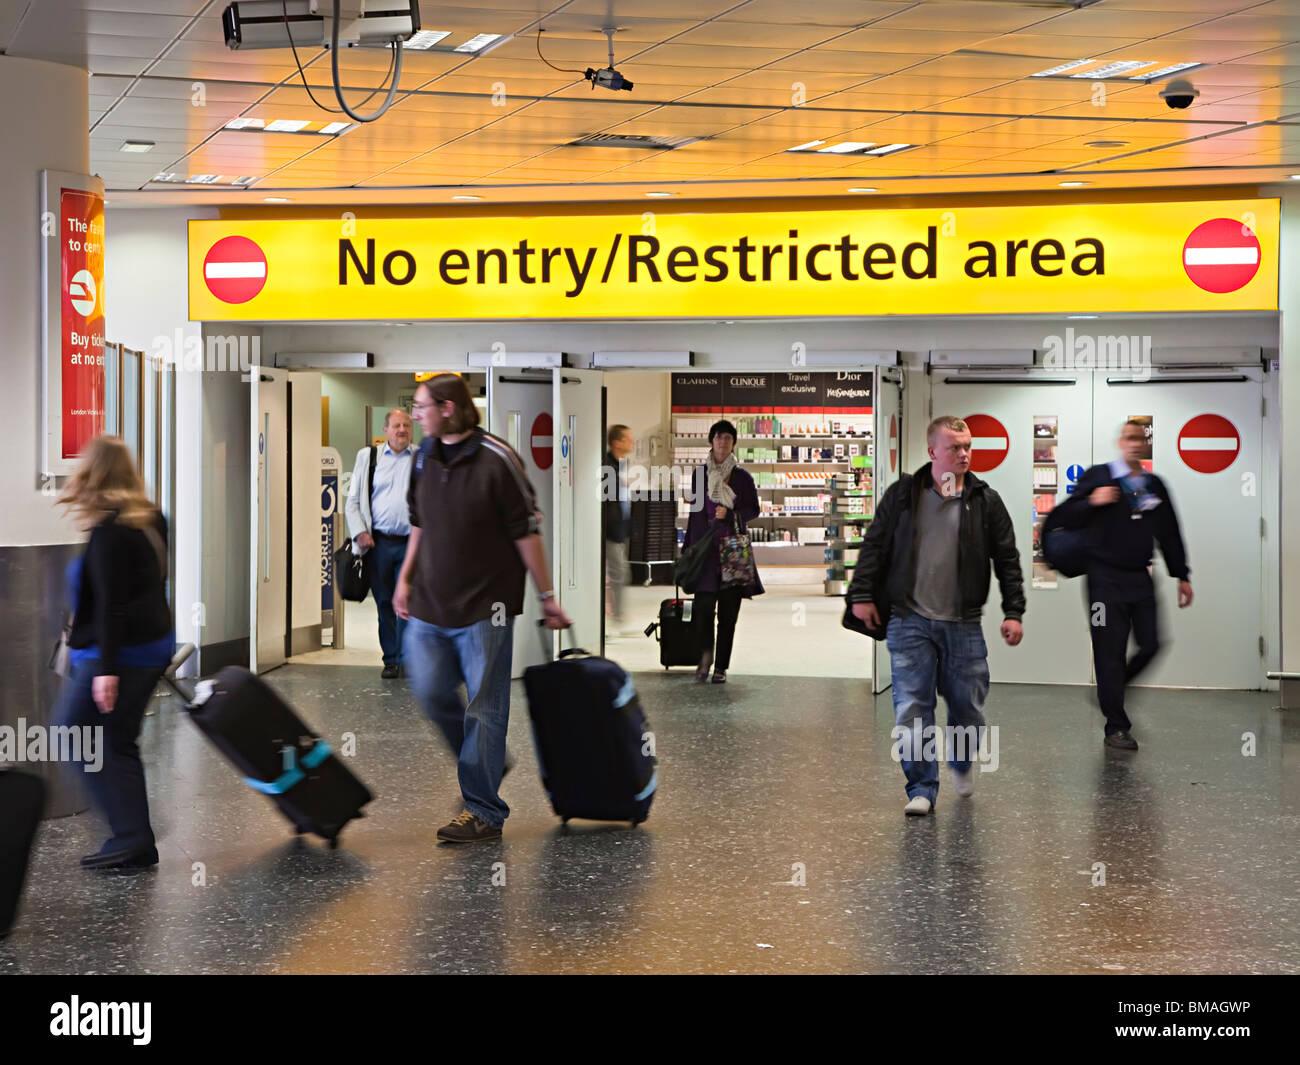 Personnes marchant hors de la zone des douanes restreint les arrivées internationales south terminal Gatwick Photo Stock